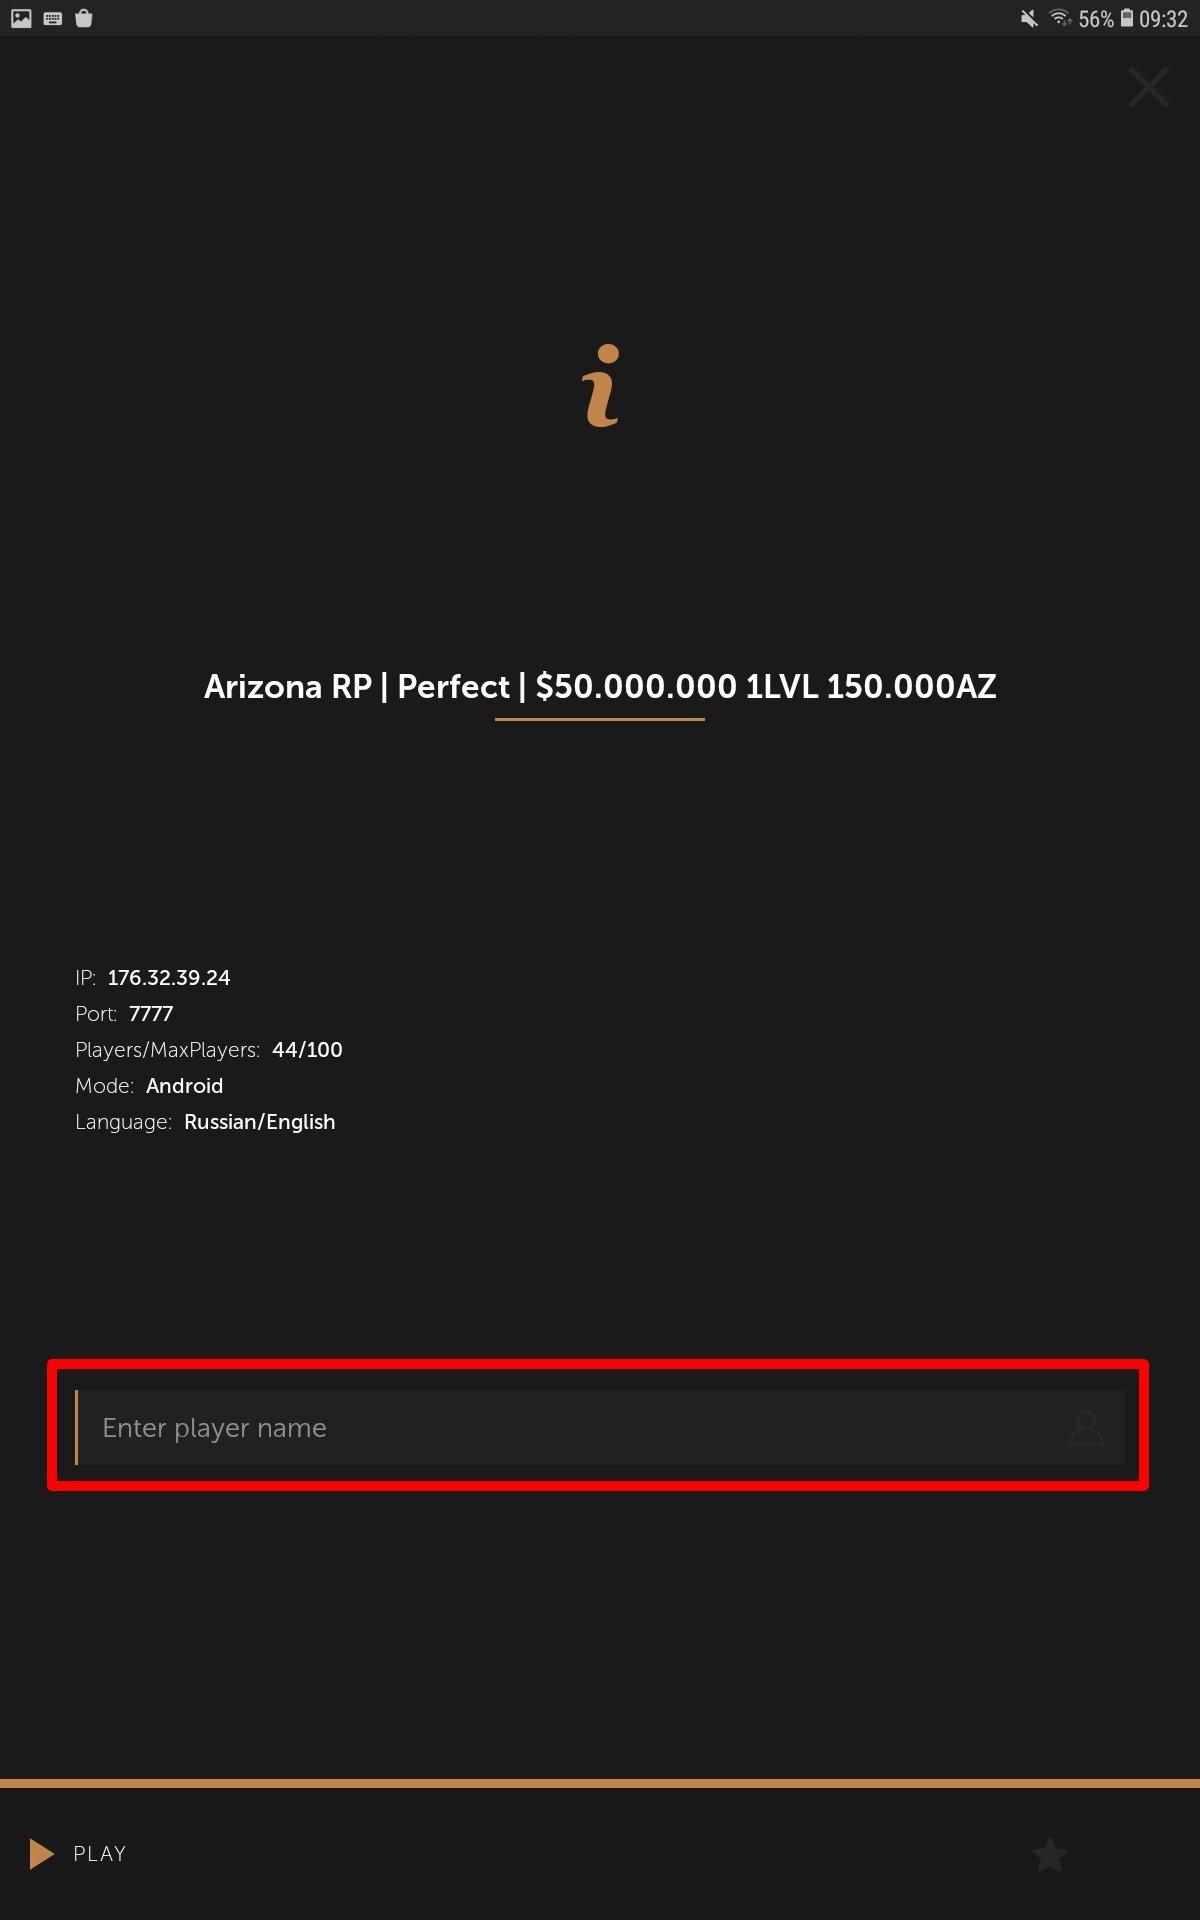 Toca en el cuadro Enter player name y escribe tu nick para el servidor